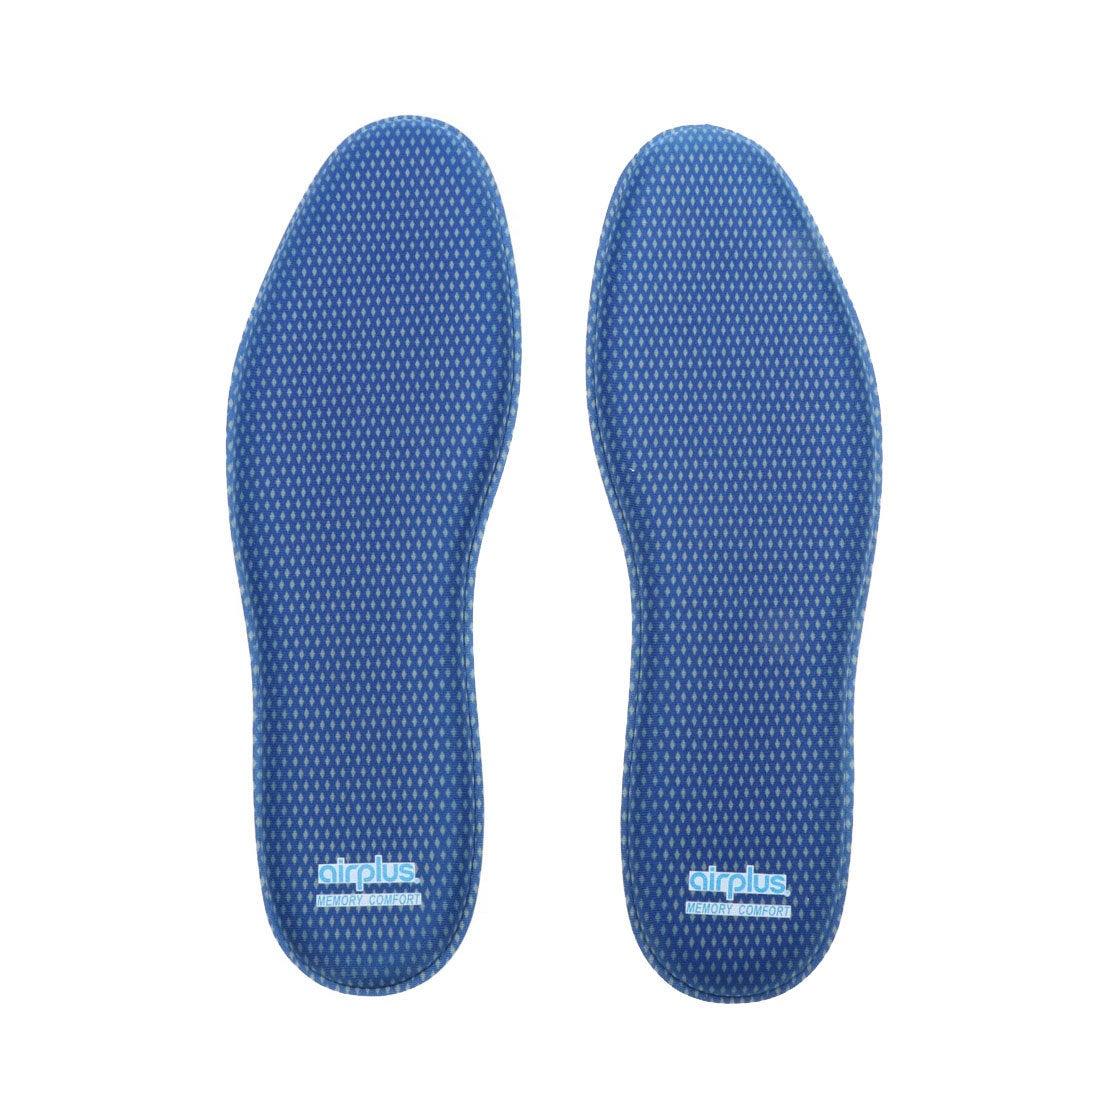 ロコンド 靴とファッションの通販サイトエアープラス airplus メンズ インソール メモリーコンフォート男性用 20455 ミフト mift